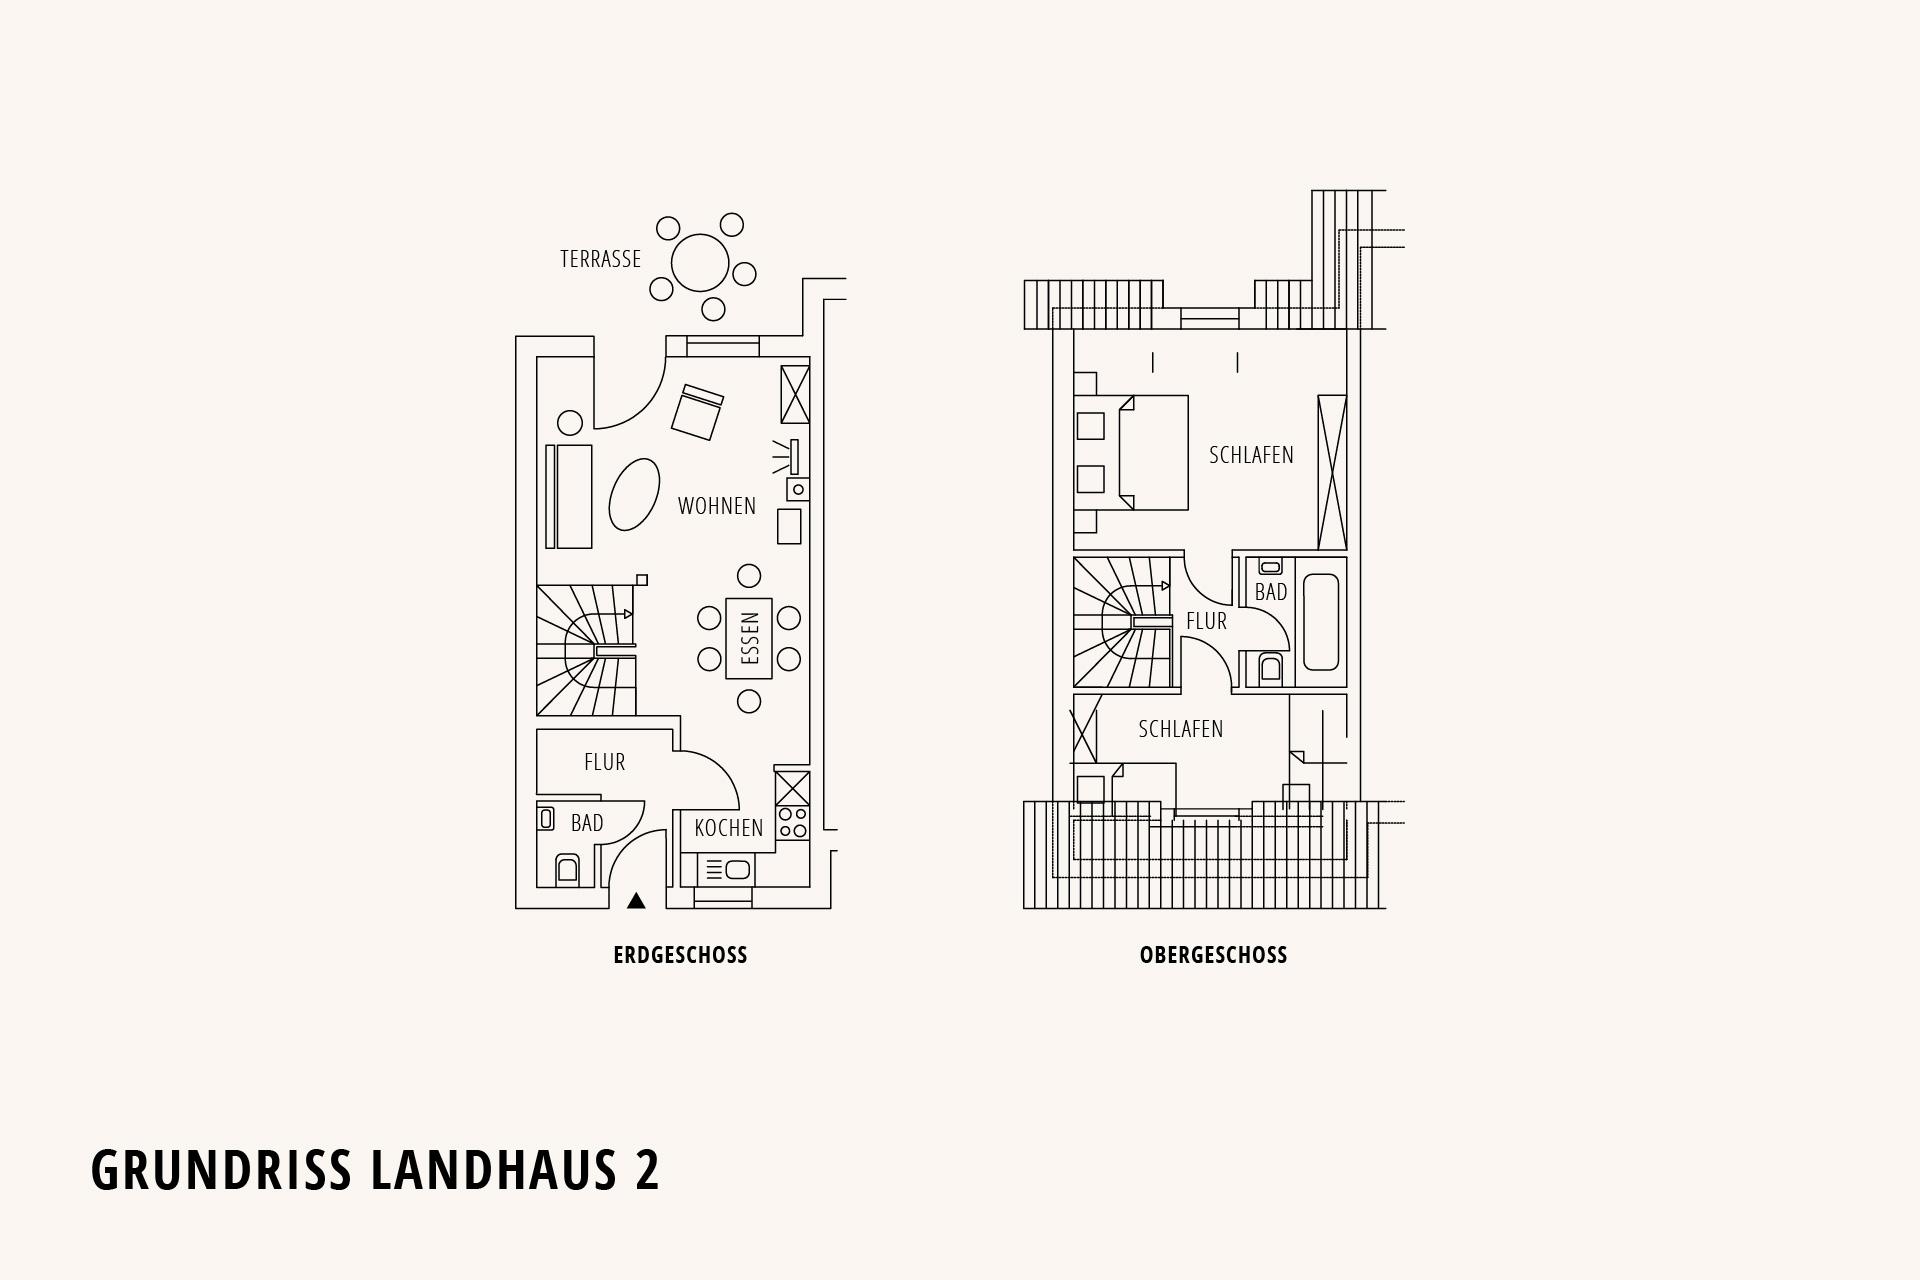 Landhaus_2_Grundriss